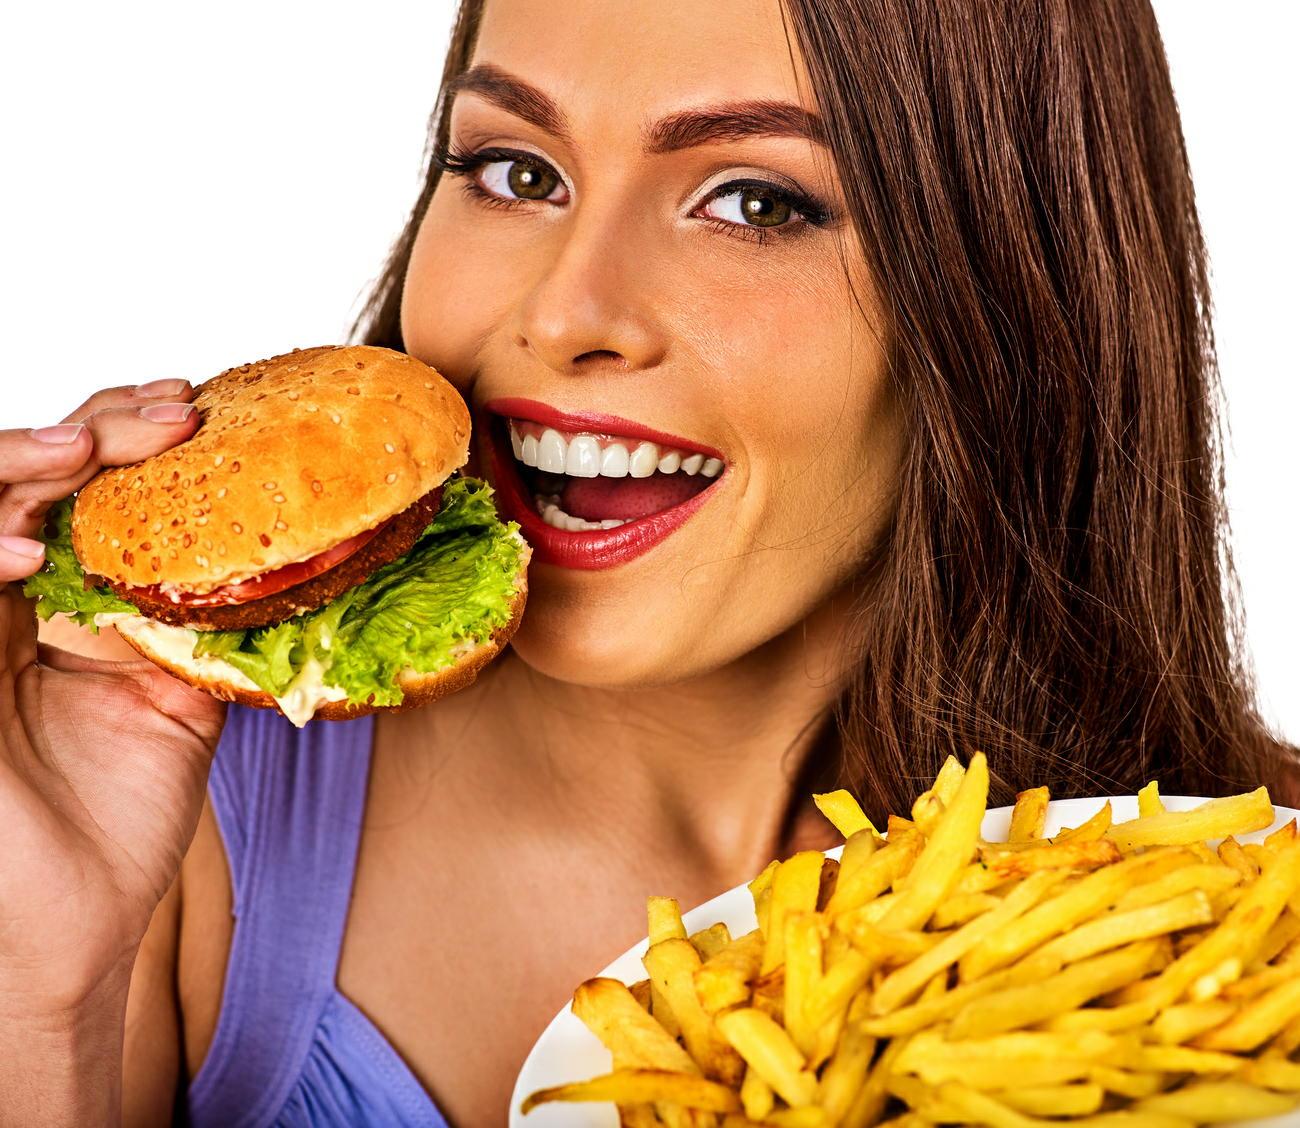 「食べ物だ」と意識する前に脳は反応 脳が「食べよう、やめよう」と指令